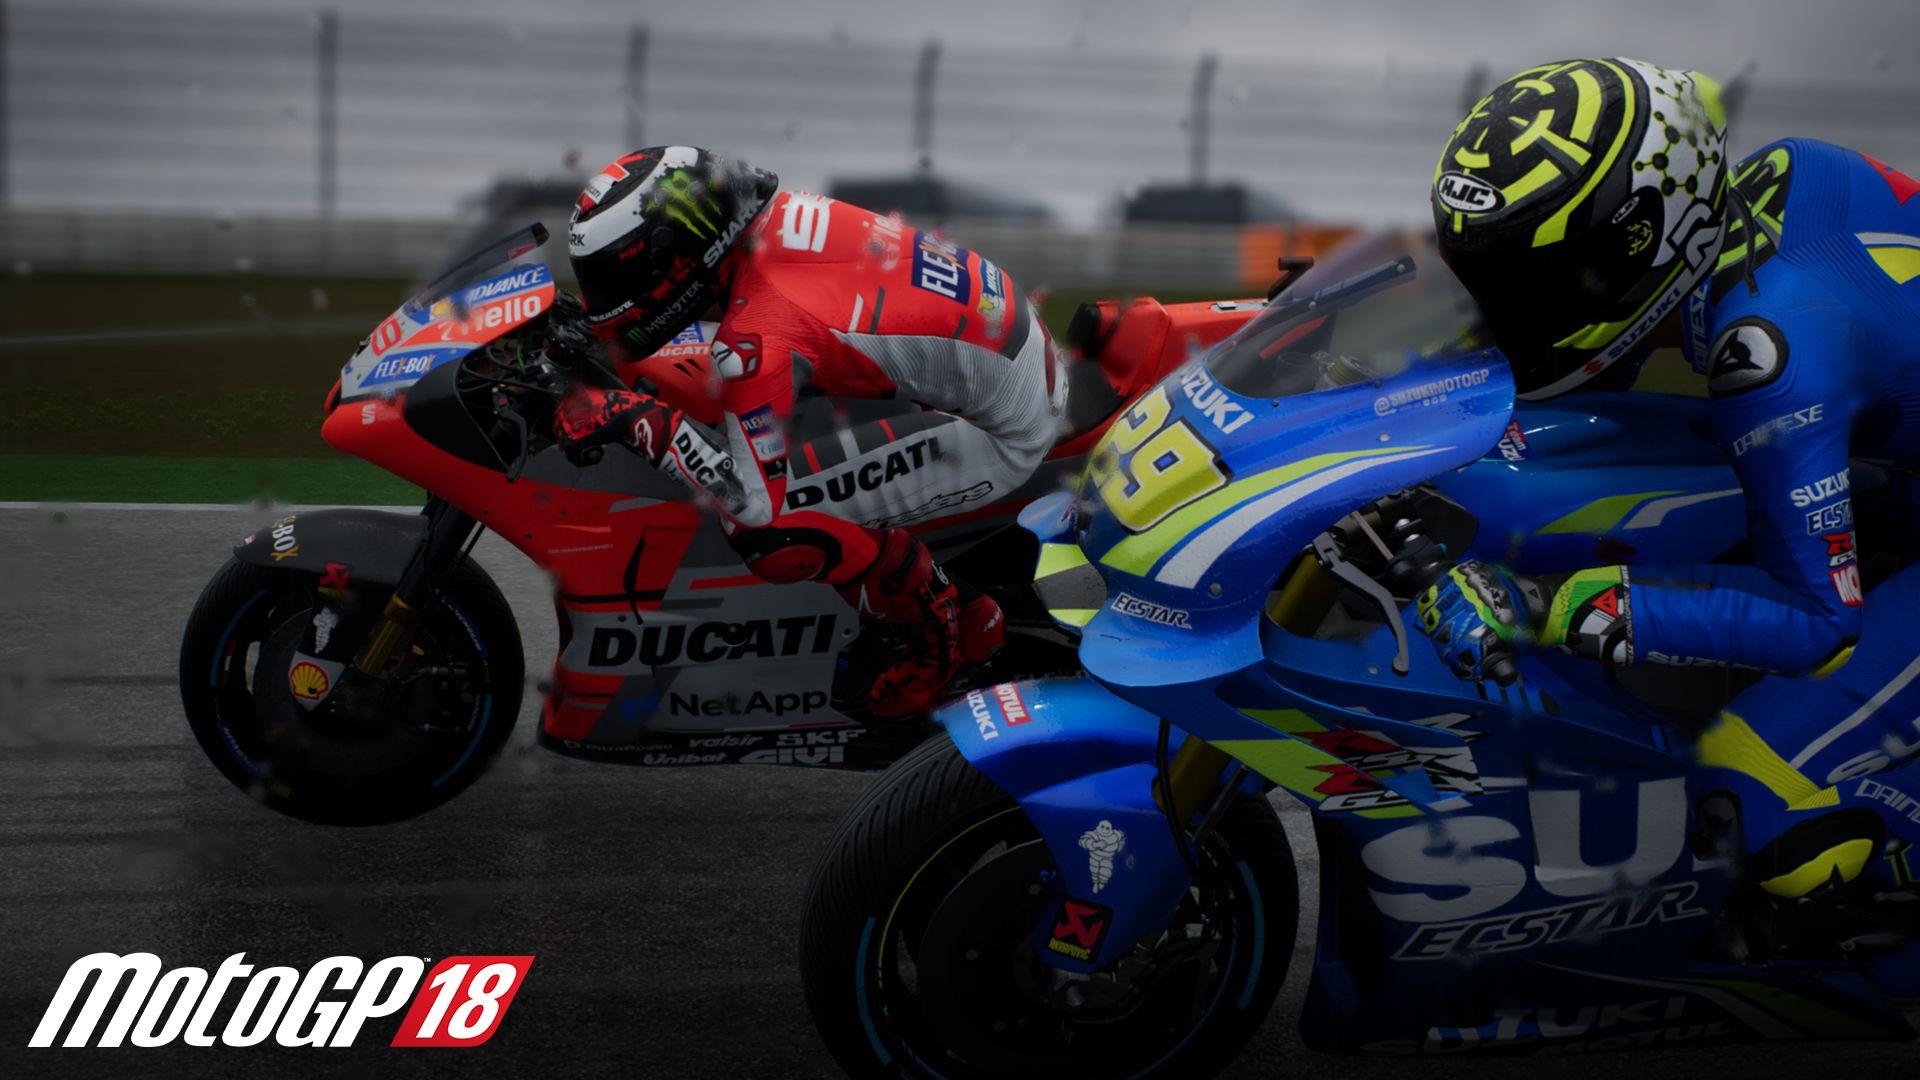 MotoGP 18: un titolo rinnovato, ma non abbastanza